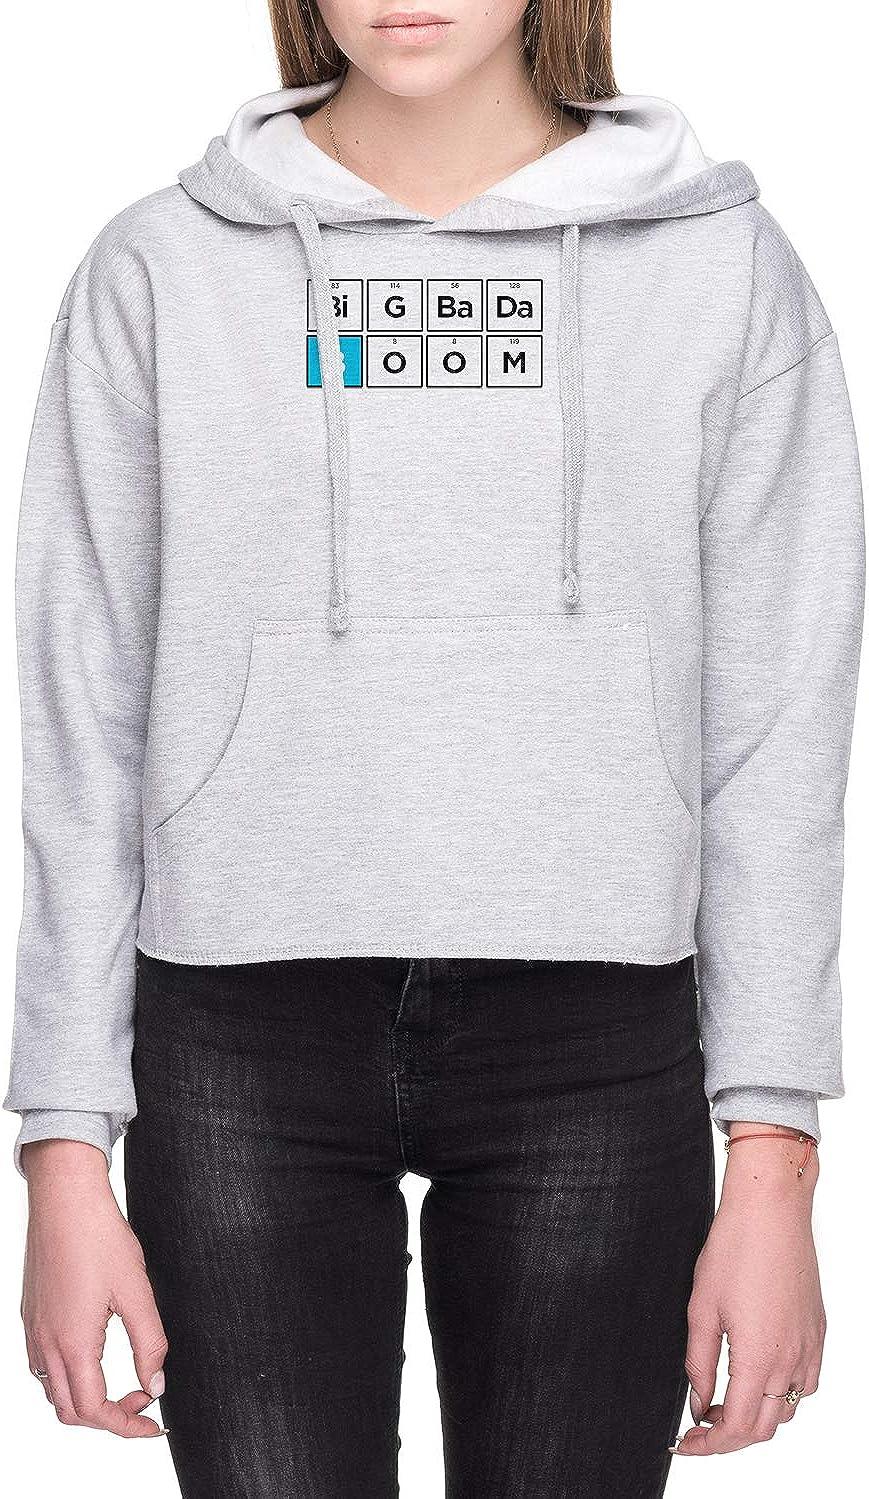 Boron Mujer Sudadera con Capucha De Crop Gris Todos Los Tamaños - Women's Crop Hoodie Sweatshirt Grey